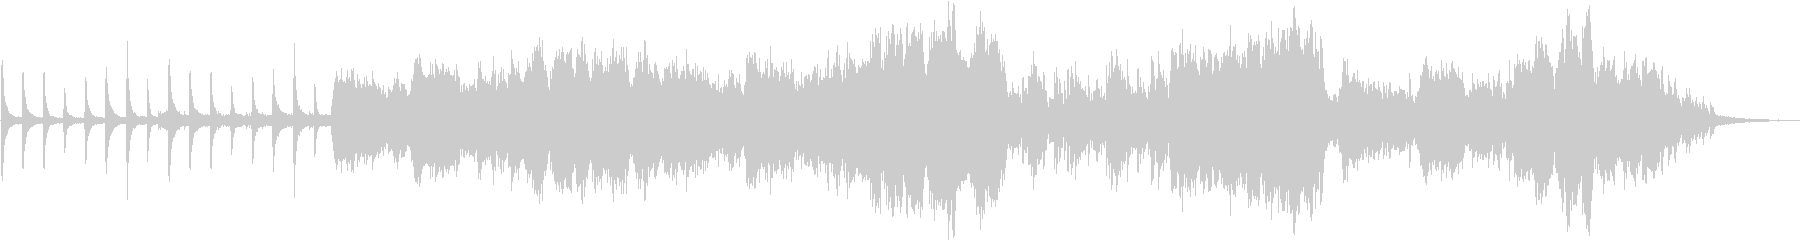 ヨーヨーマ的なチェロと笛とピアノの和弦楽の未再生の波形